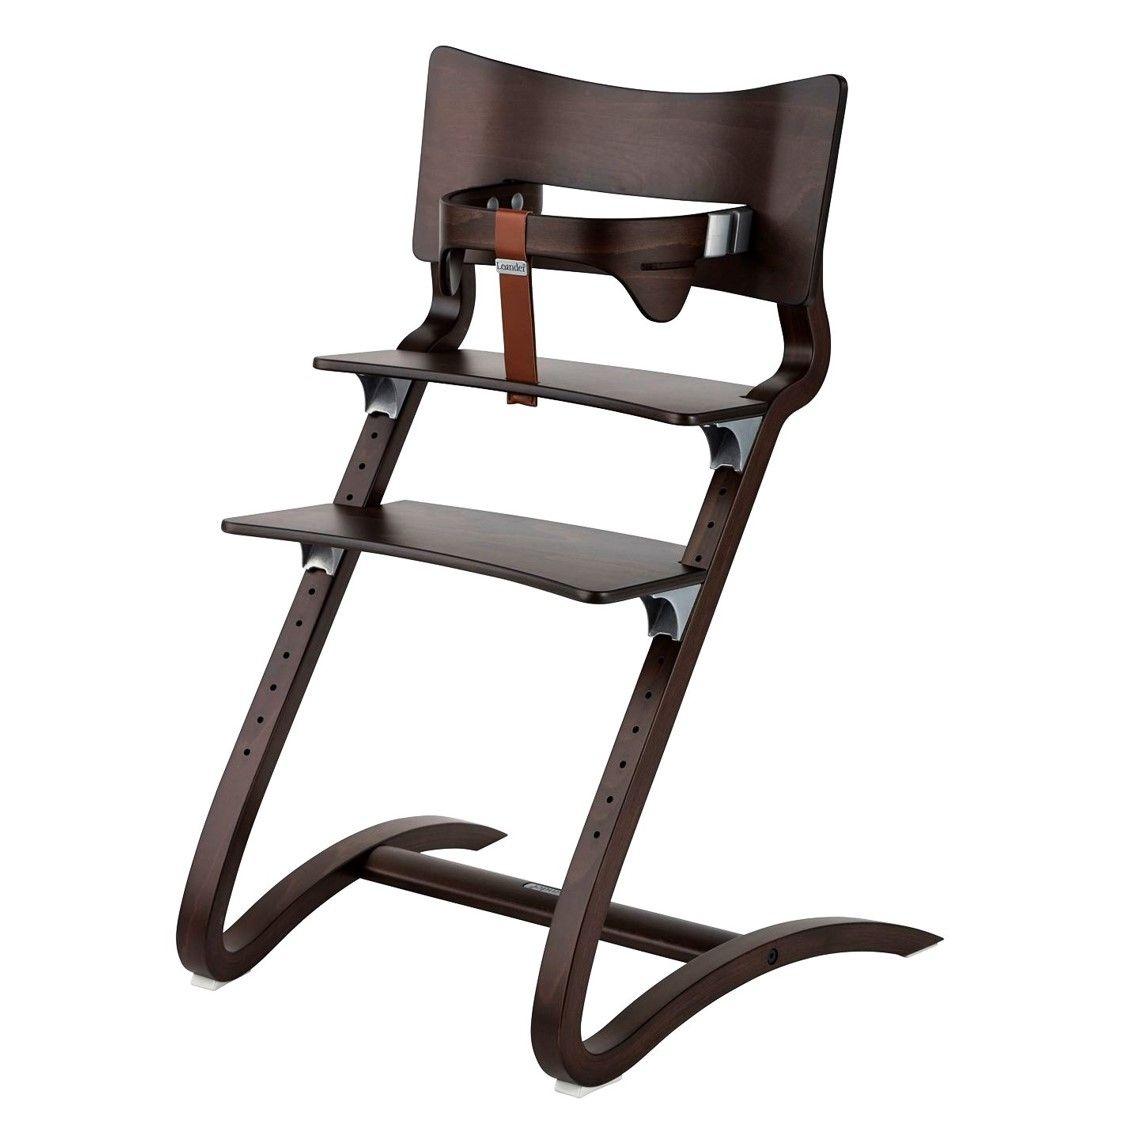 Chaise haute bébé design en noyer leander